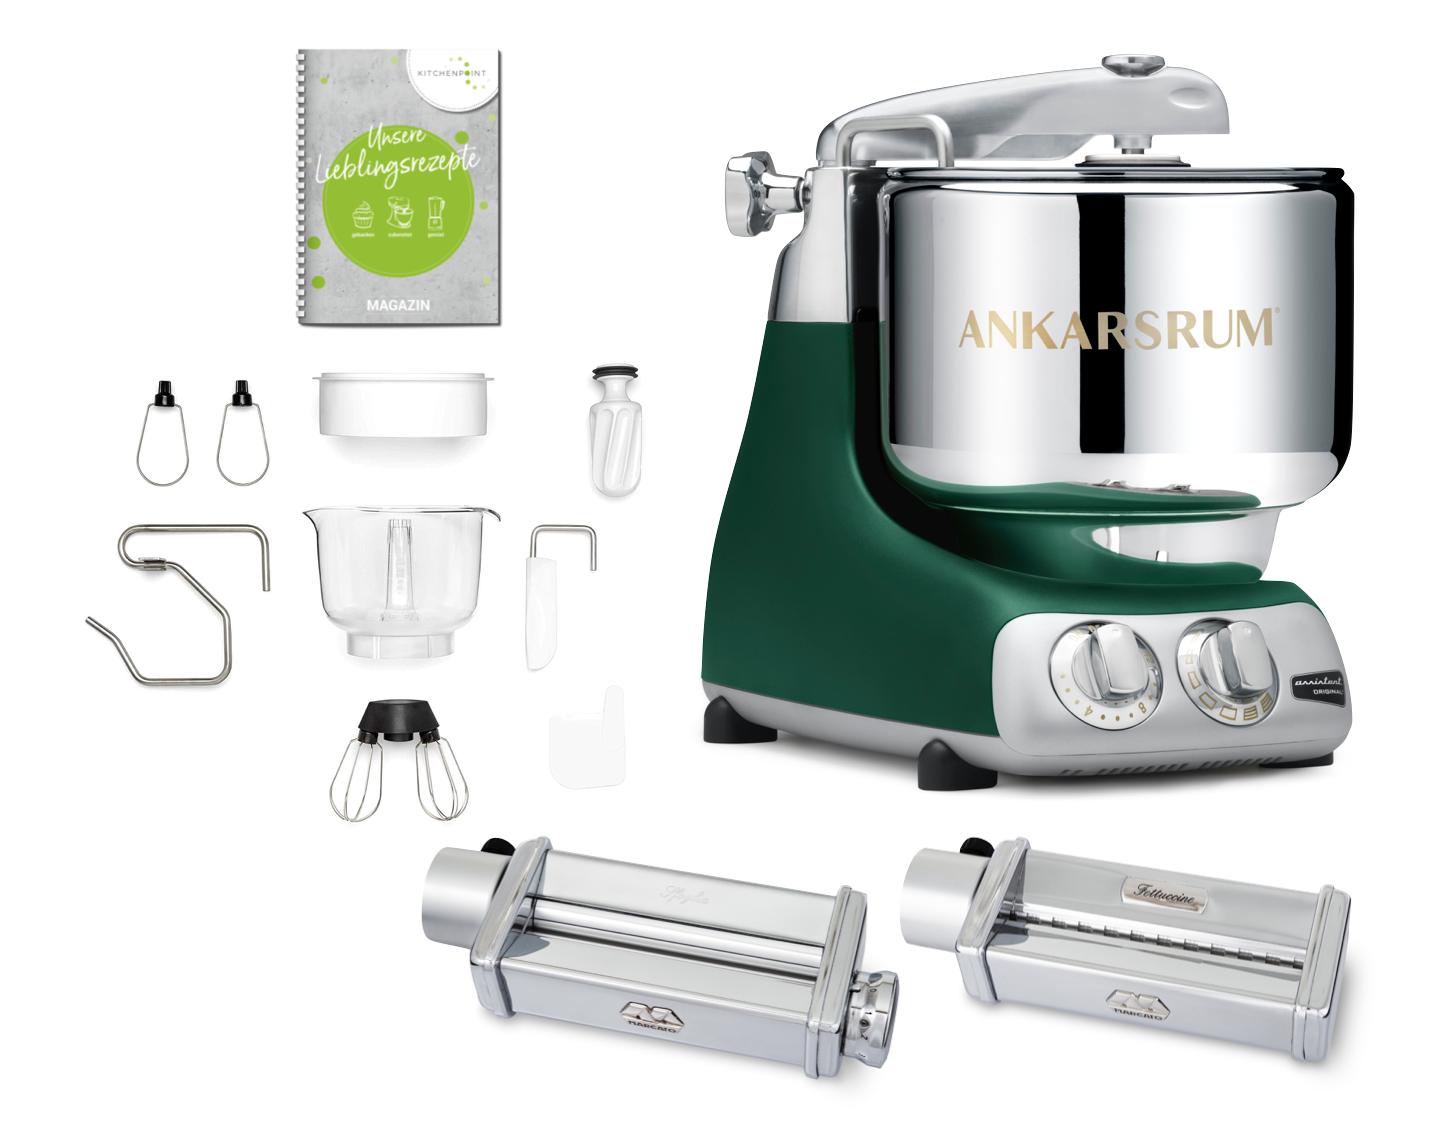 Ankarsrum Küchenmaschine Assistent Forest Green - Pasta Set